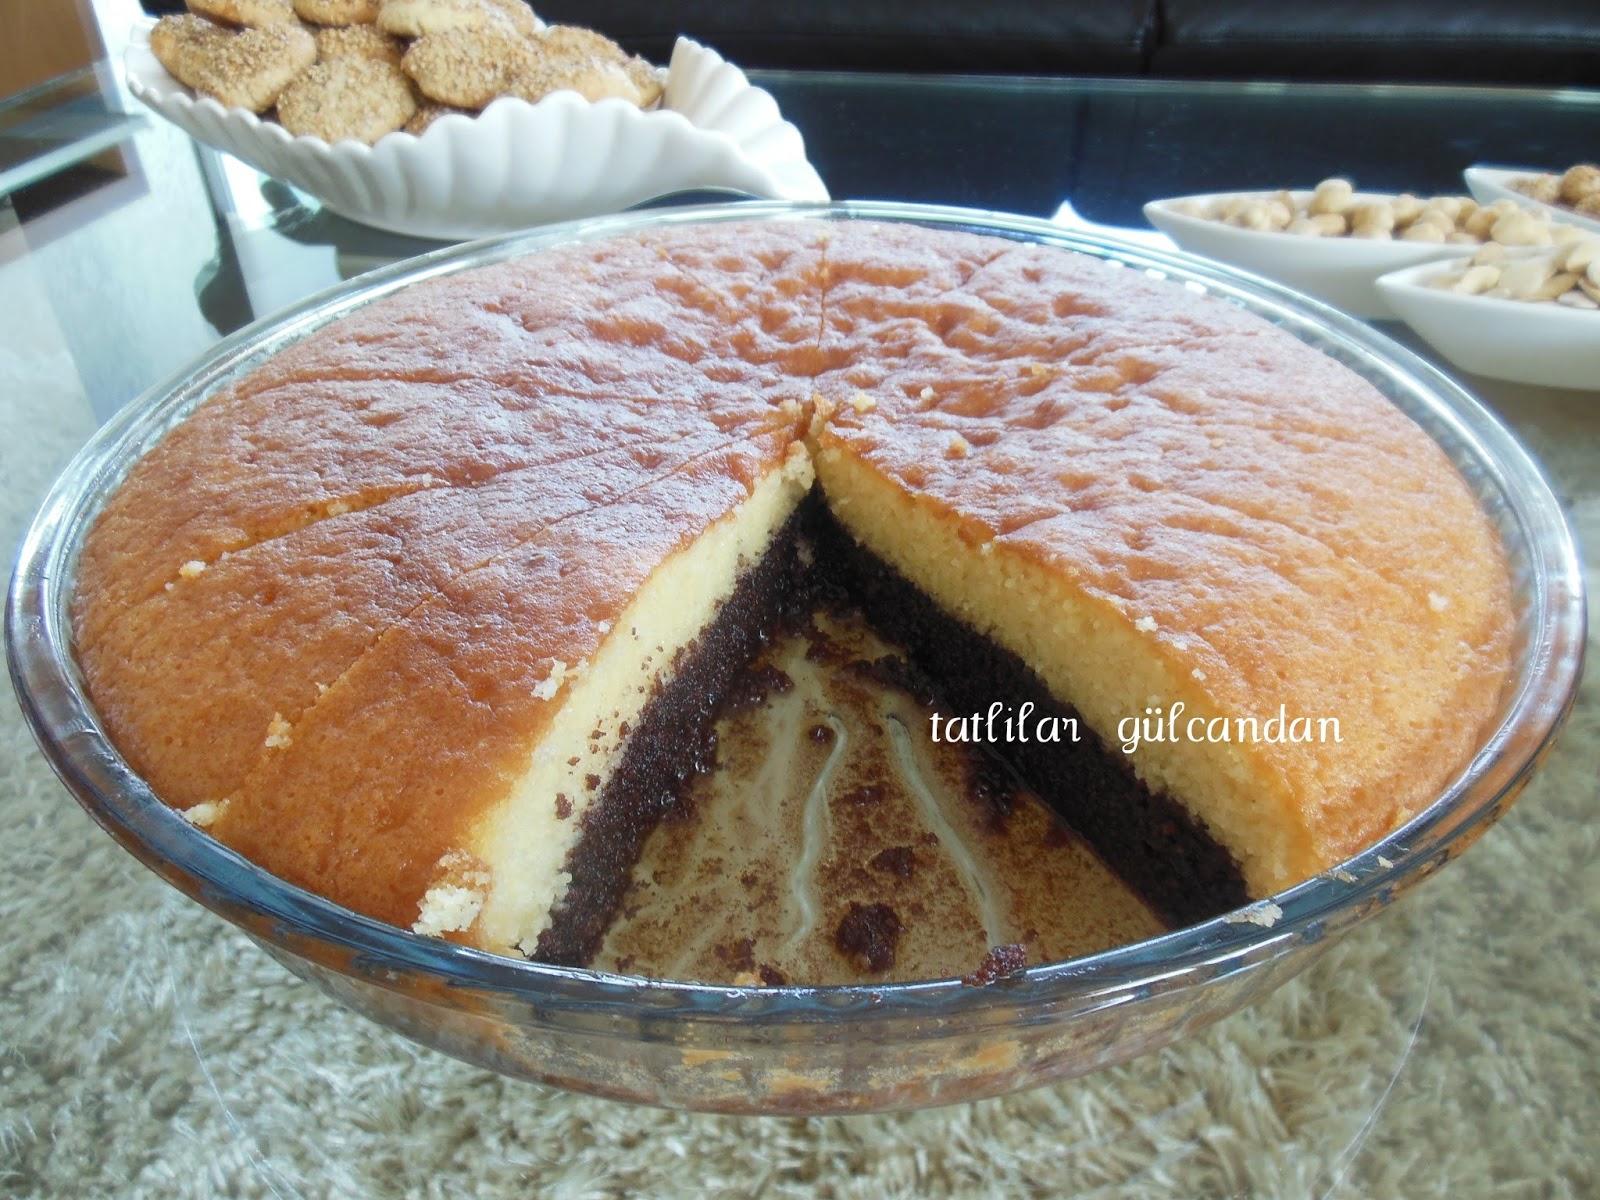 Çikolatalı Revani Tarifi – Şerbetli Tatlı Tarifleri